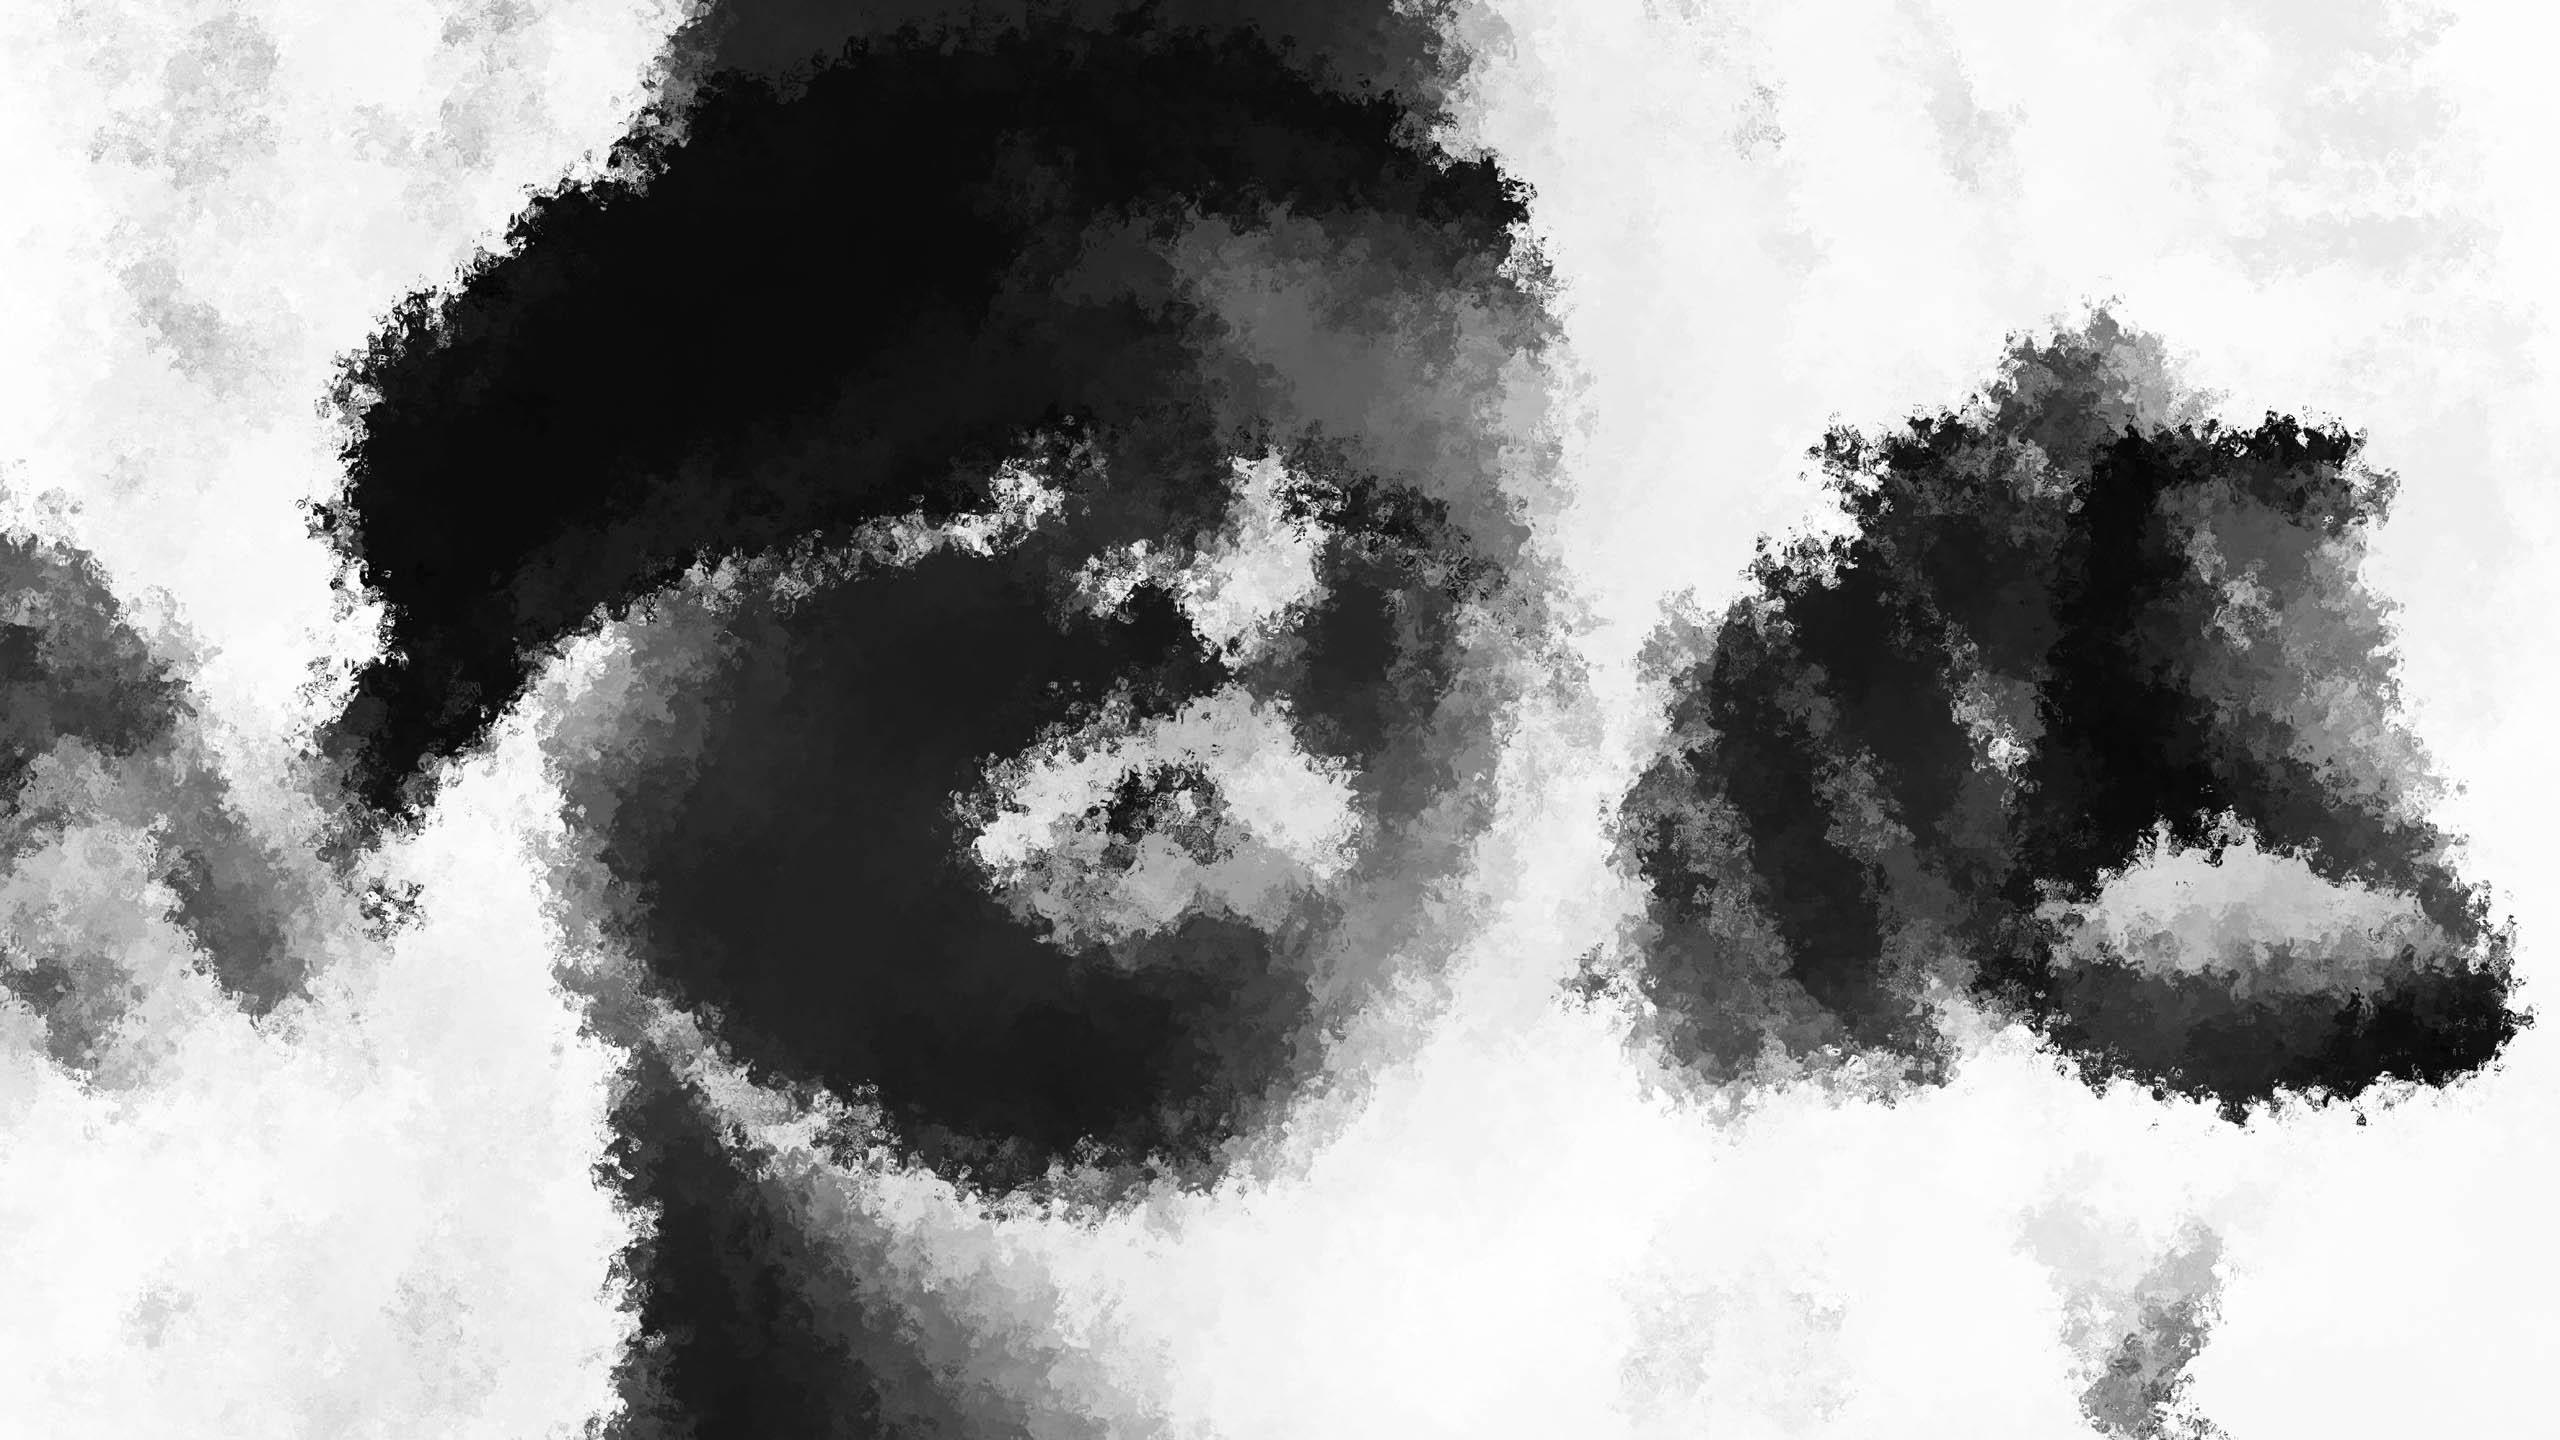 Kopi Luwak 54b / Kopi Luwak